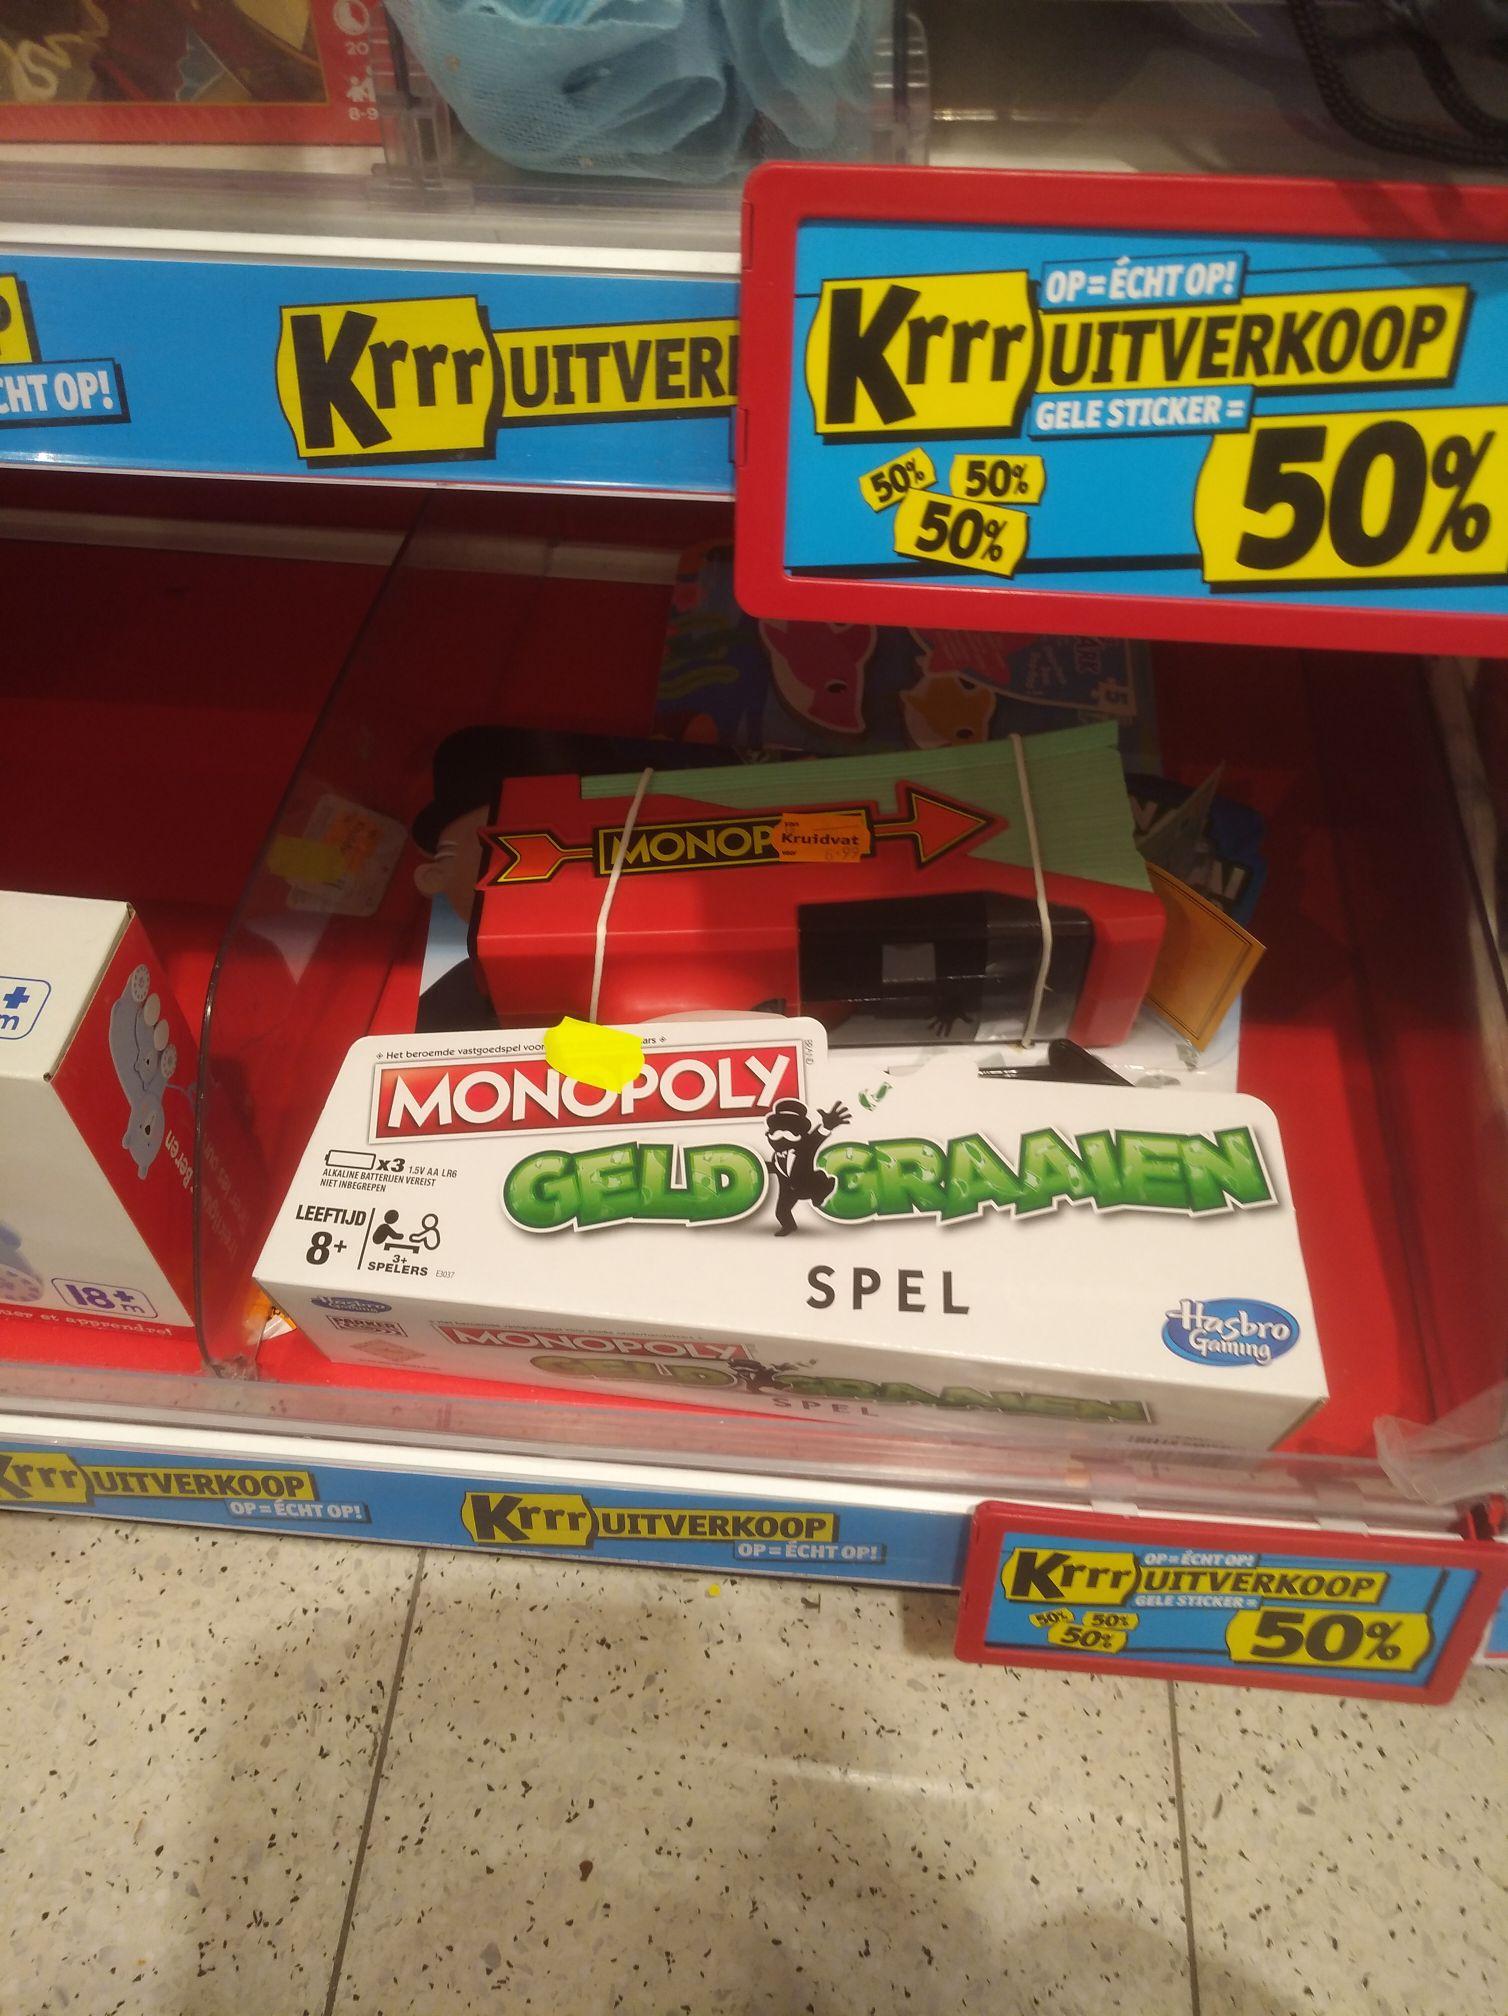 Monopoly geld graaien voor €2,50 bij Kruidvat Valkenburg